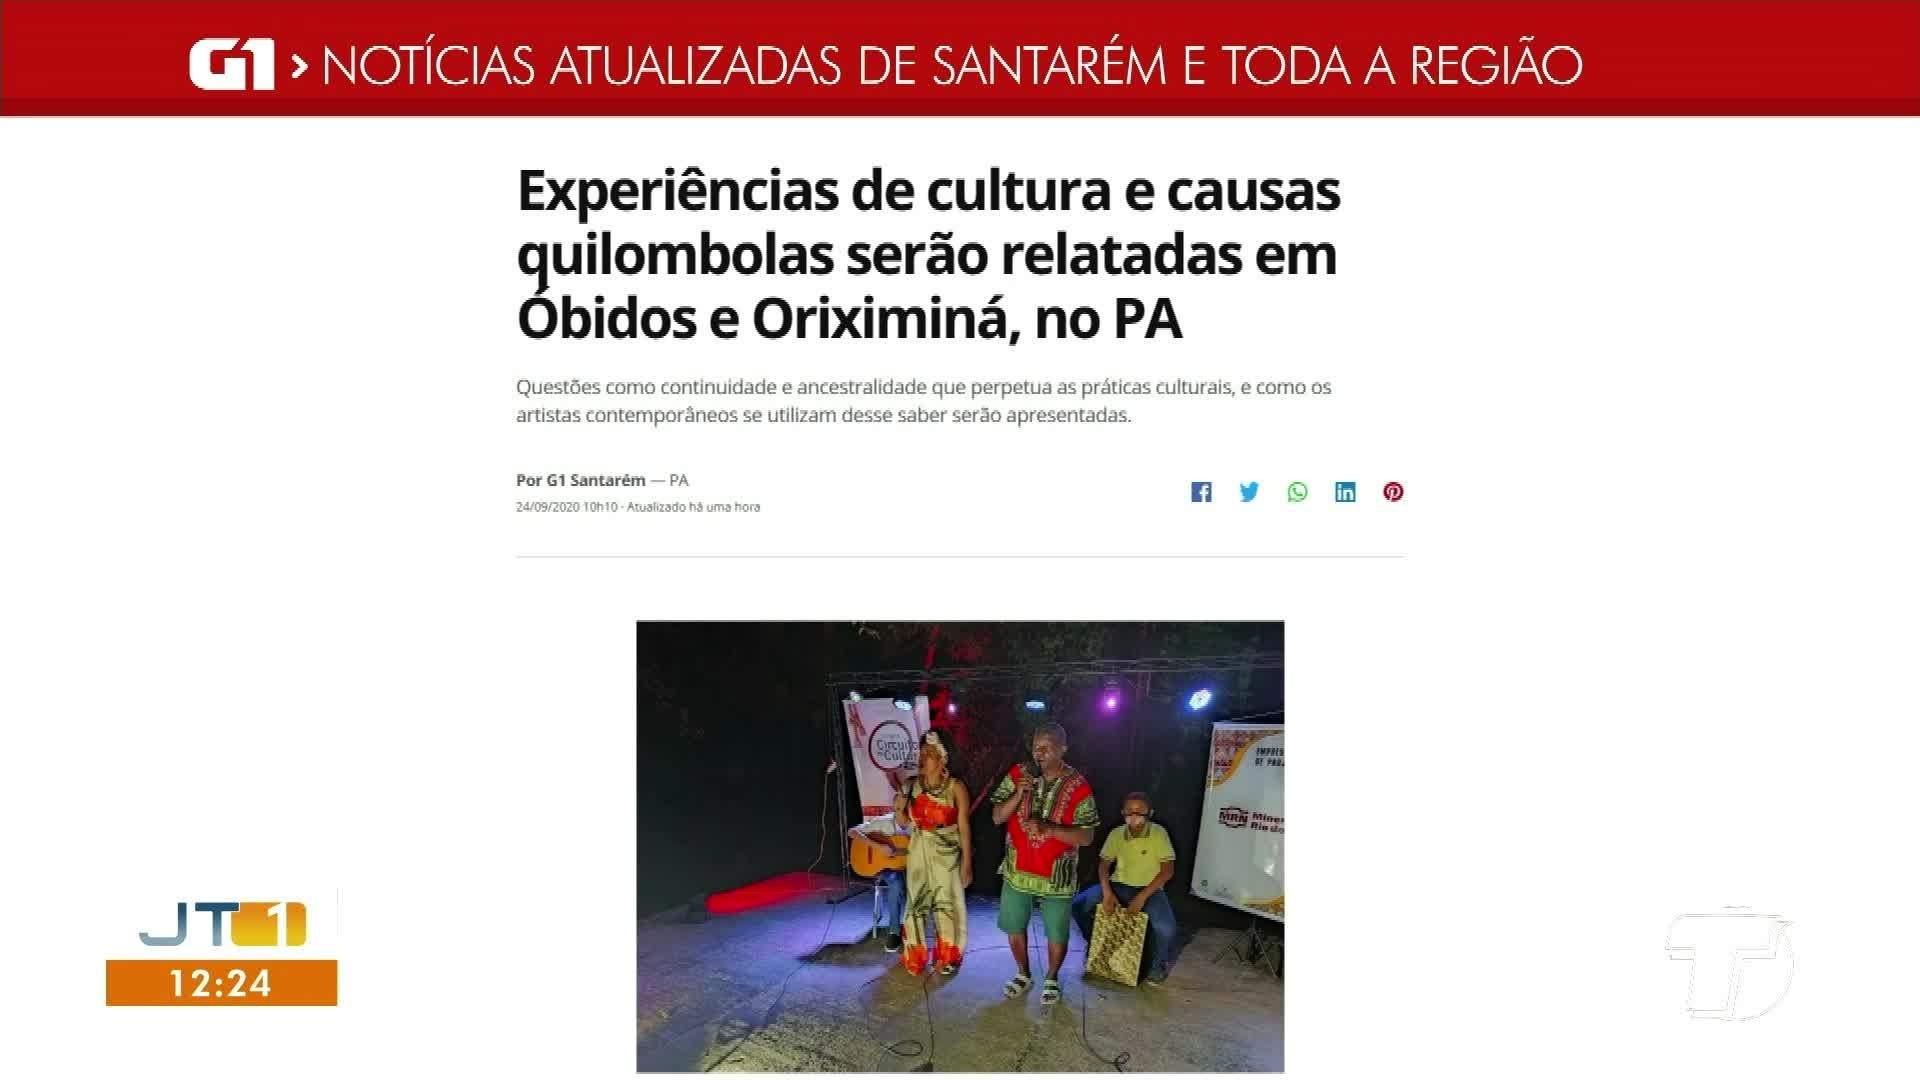 VÍDEOS: Jornal Tapajós 1ª Edição de quinta-feira, 24 de setembro